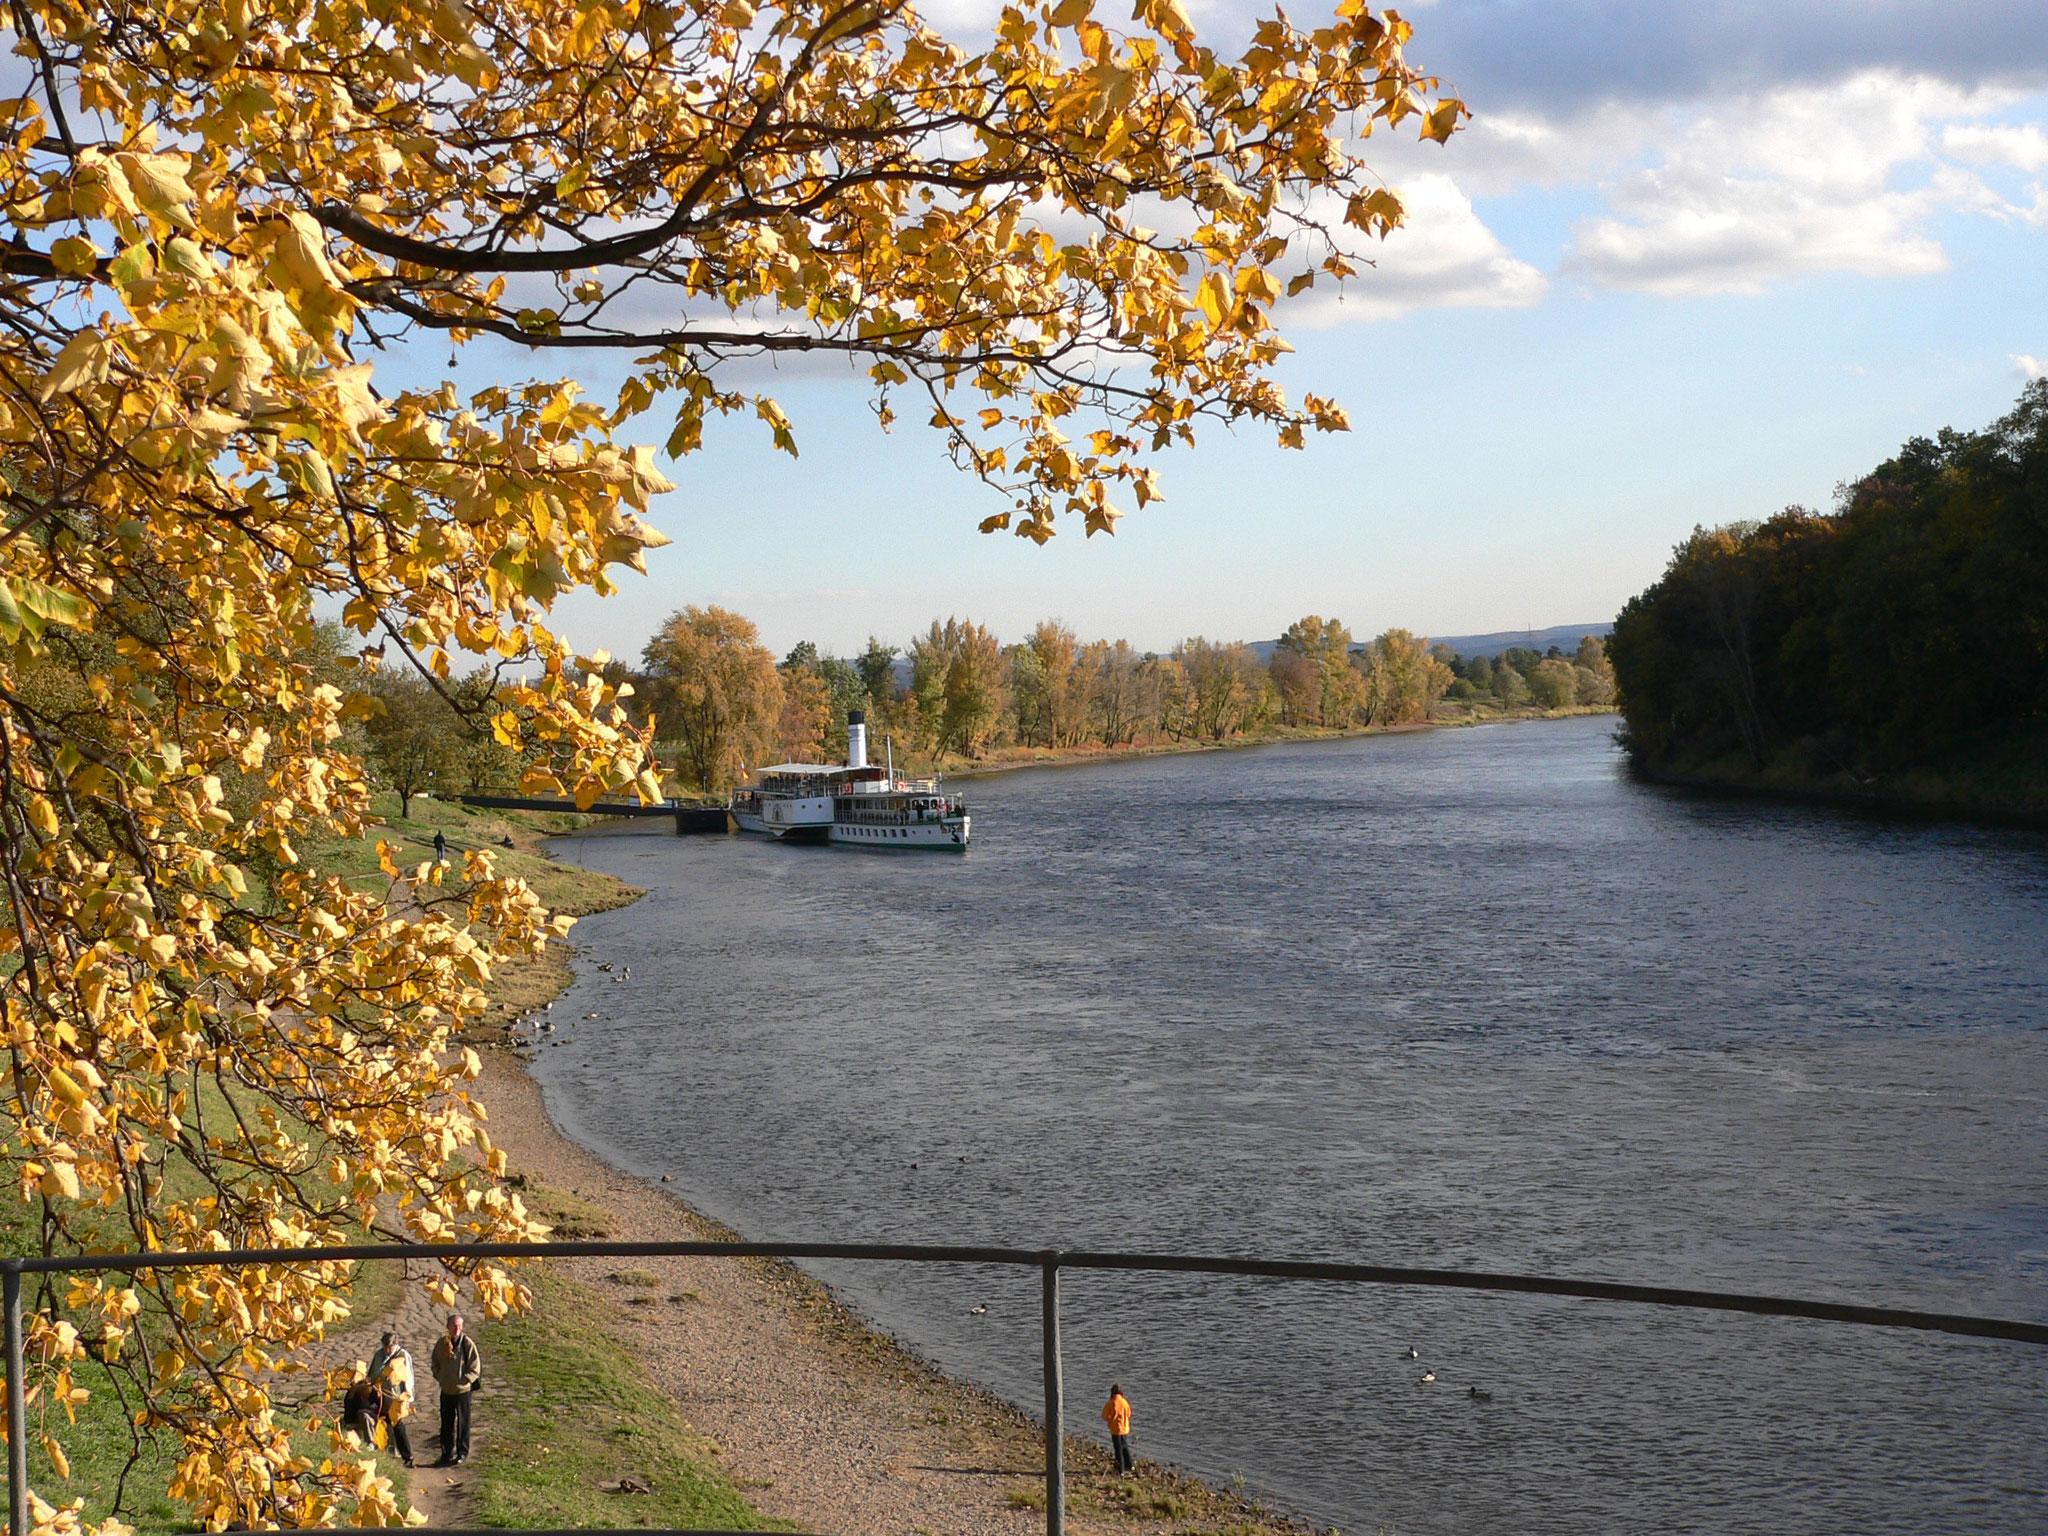 Dampferanlegestelle in Pillnitz